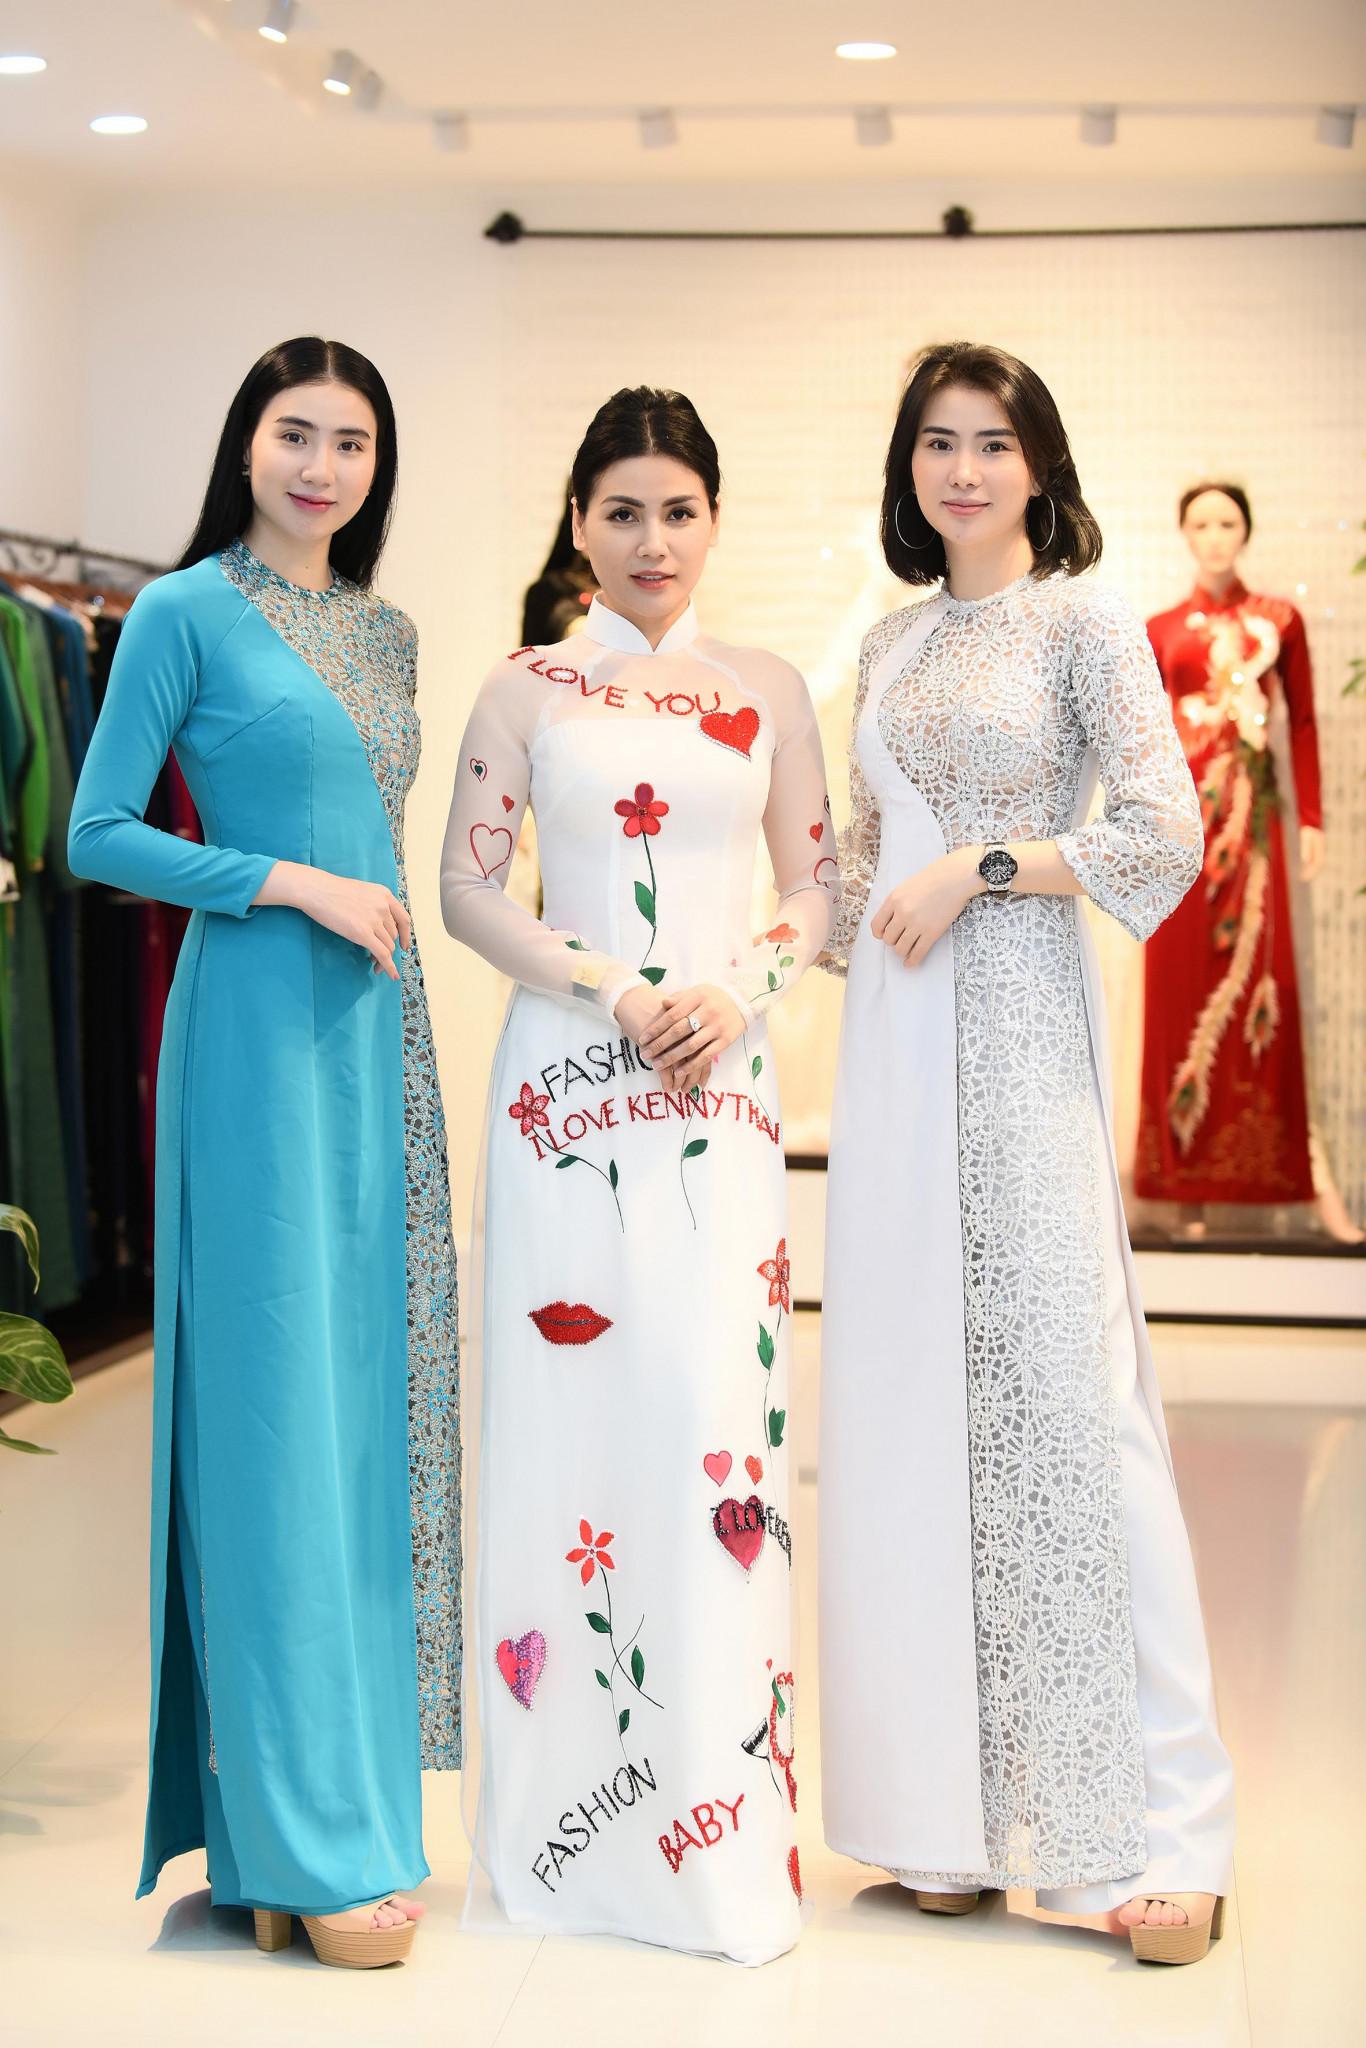 Diễn viên Quỳnh Hoa và chị em người mẫu Thư Huyền - Huyền Thư